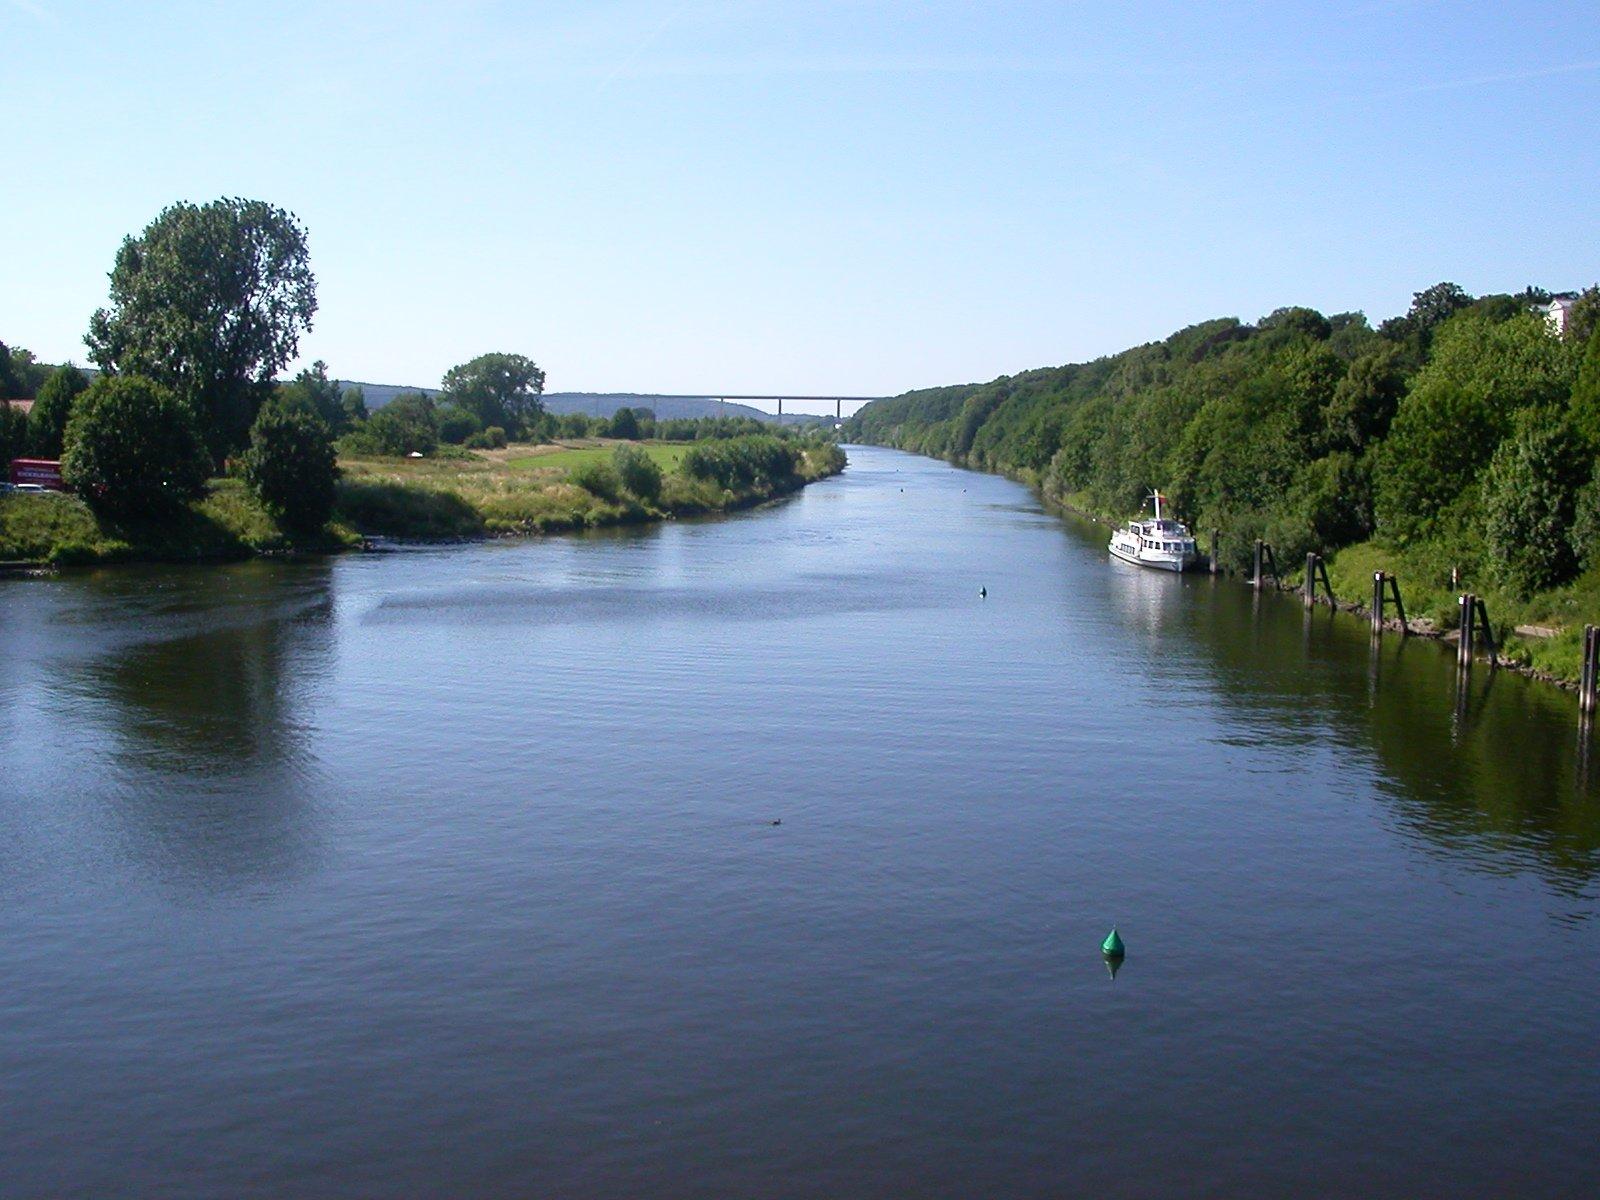 River-ruhr-essen-kettwig